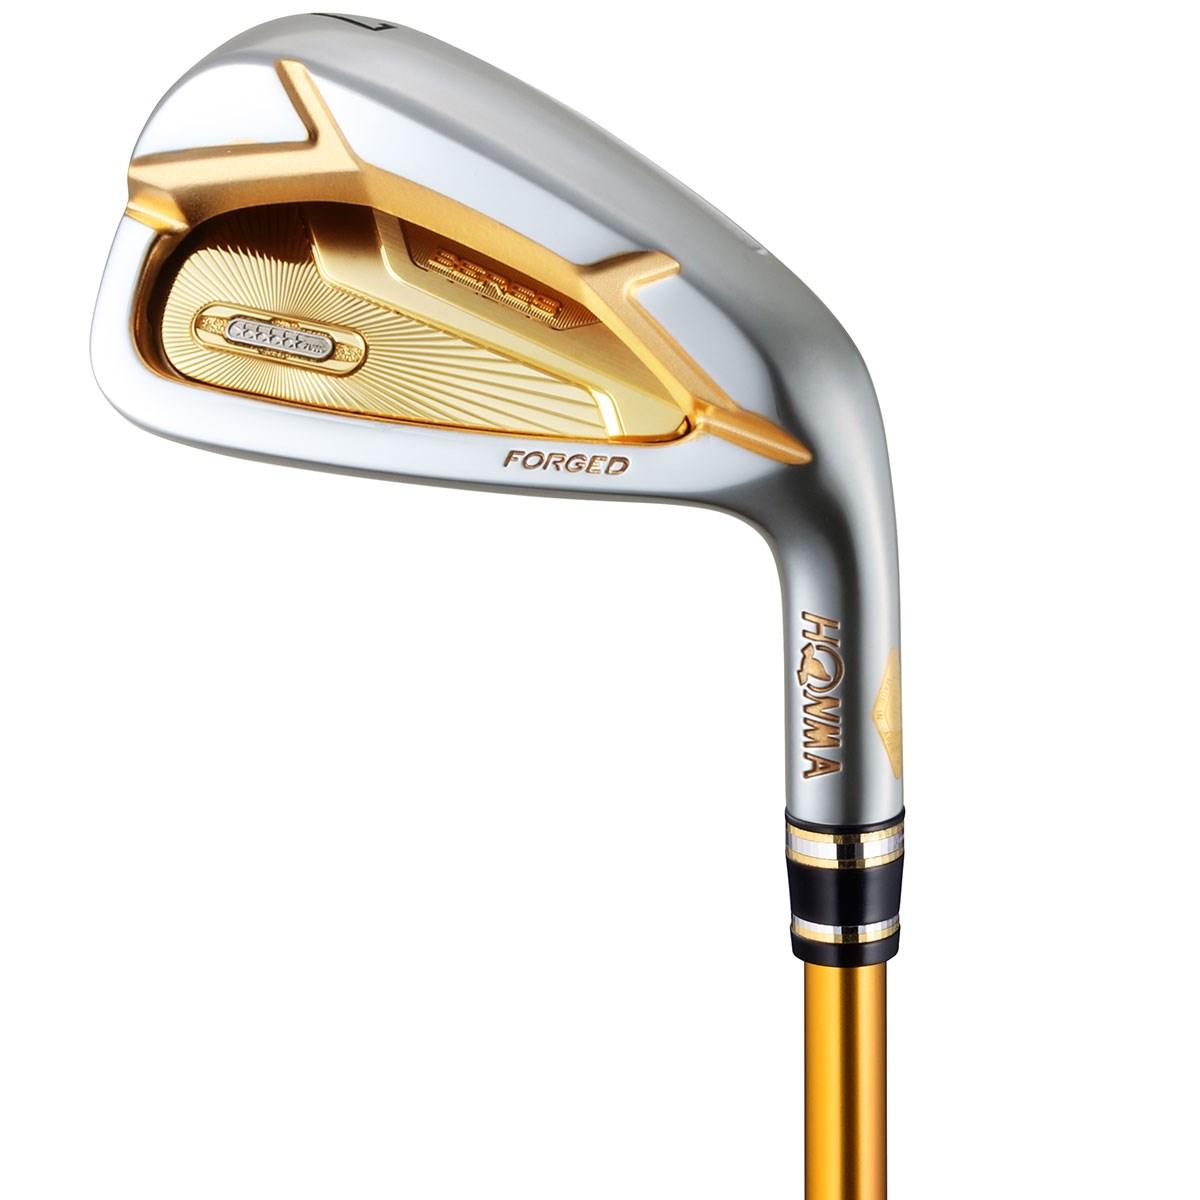 本間ゴルフ(HONMA GOLF) ベレス アイアン(6本セット) ARMRQ ZERO 47 5S